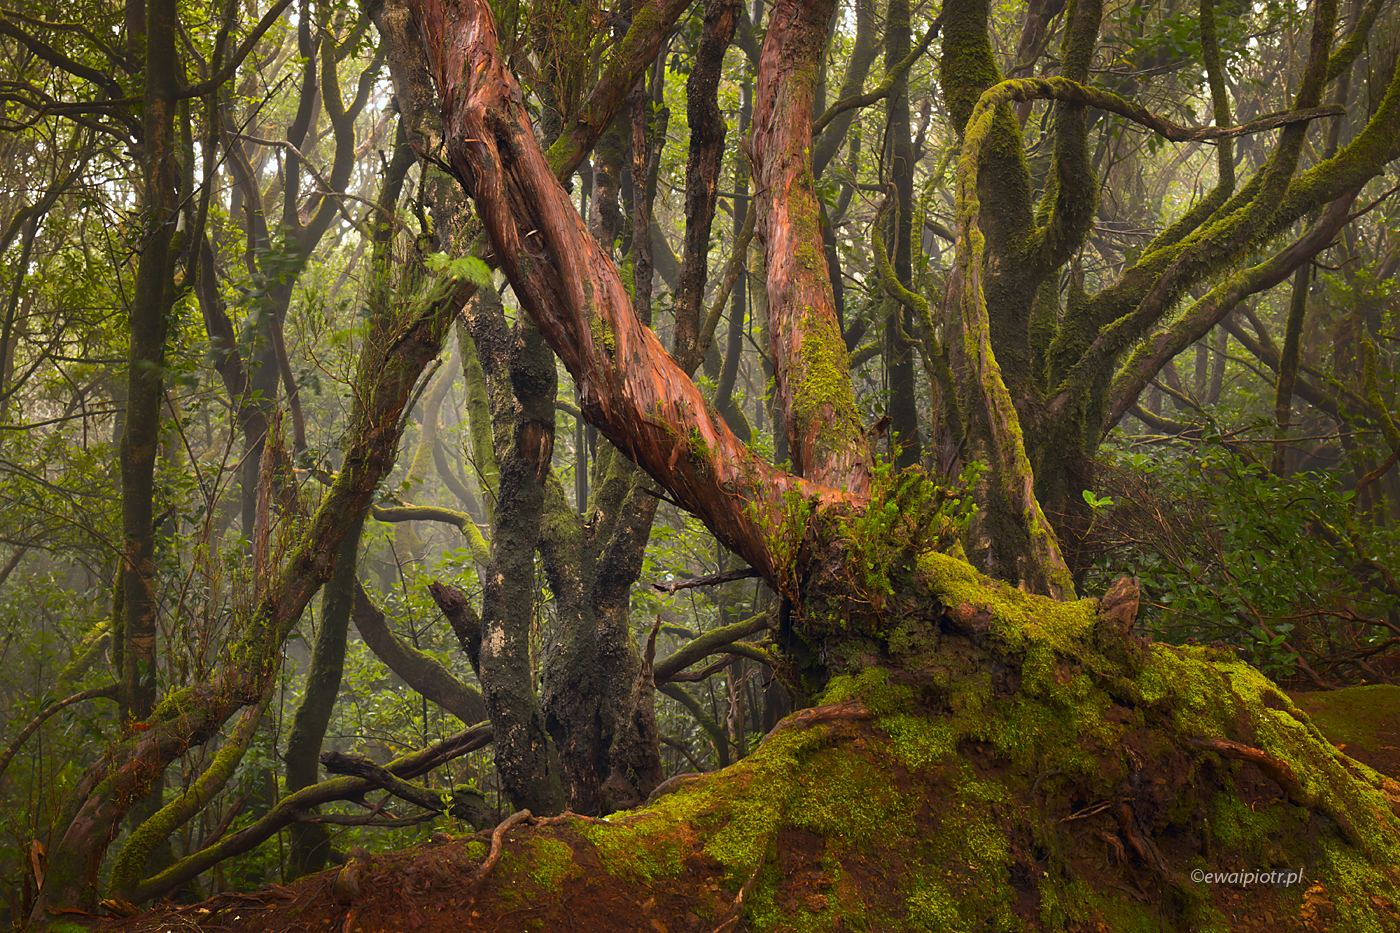 Fotografowanie lasu deszczowego, Wyspy Kanaryjskie